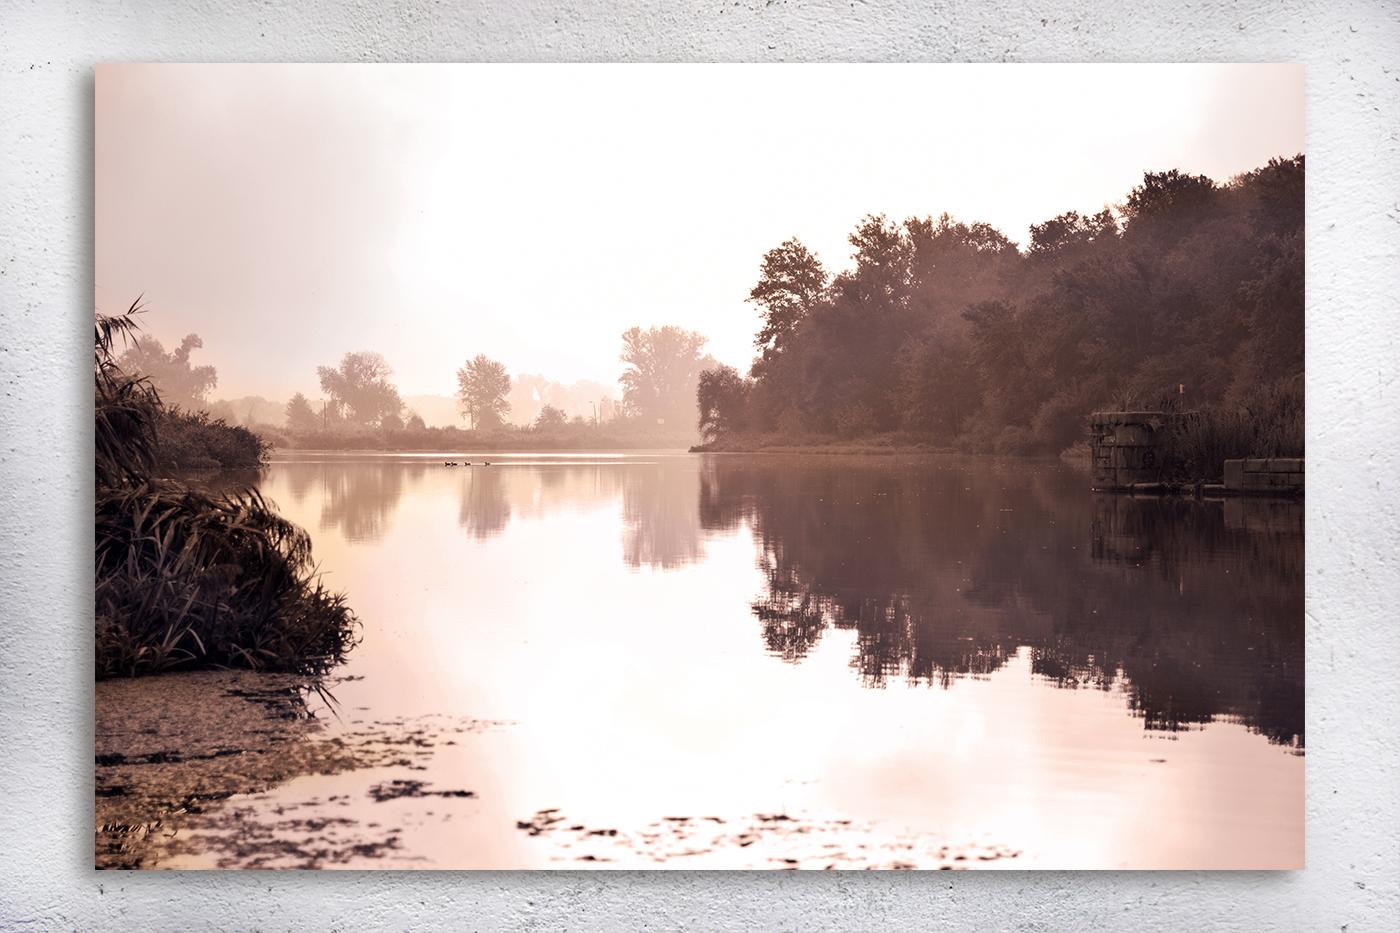 Nature photo, landscape photo, lake photo, example image 3